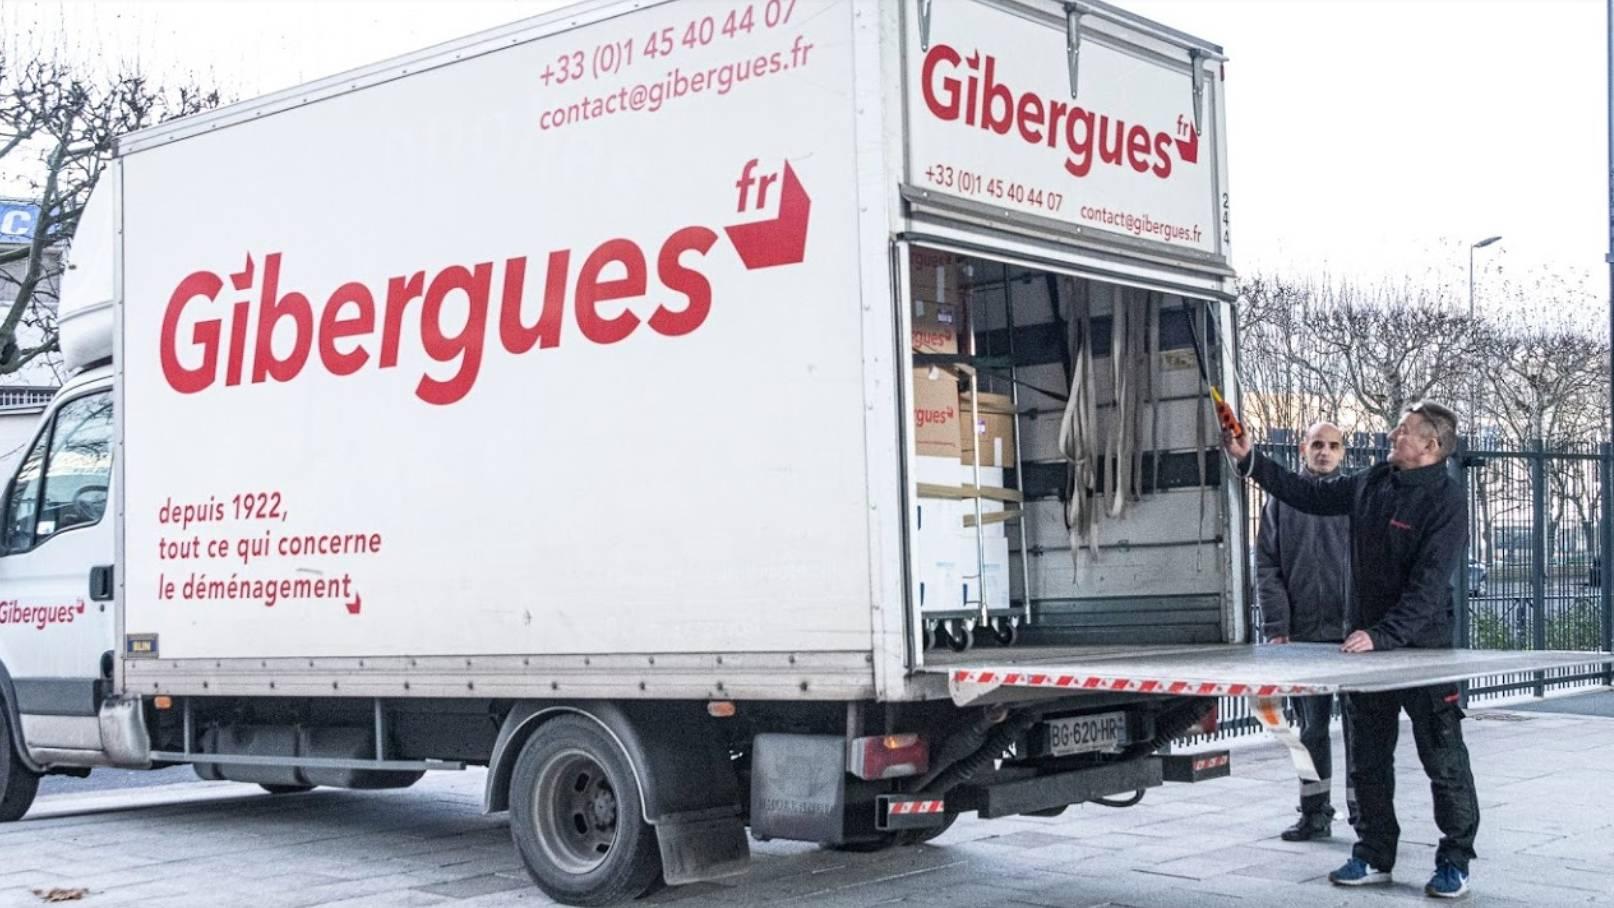 Déménagements Gibergues cover